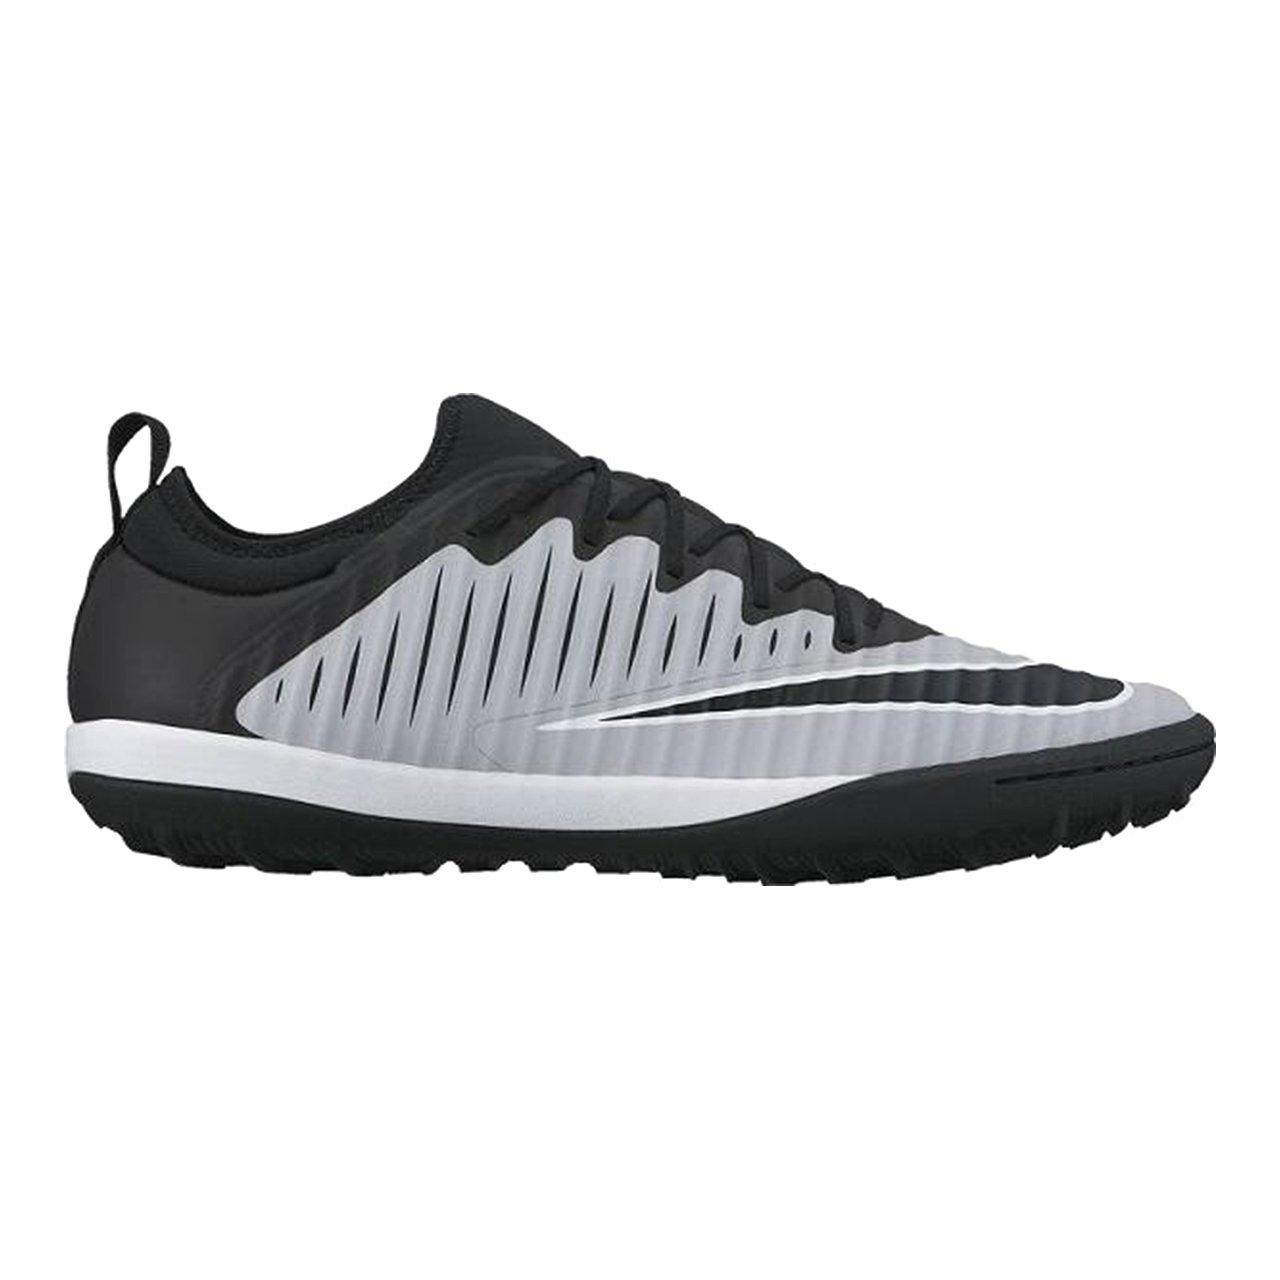 outlet til salg første sats nyt højt NIKE MercurialX Finale II Turf Shoes